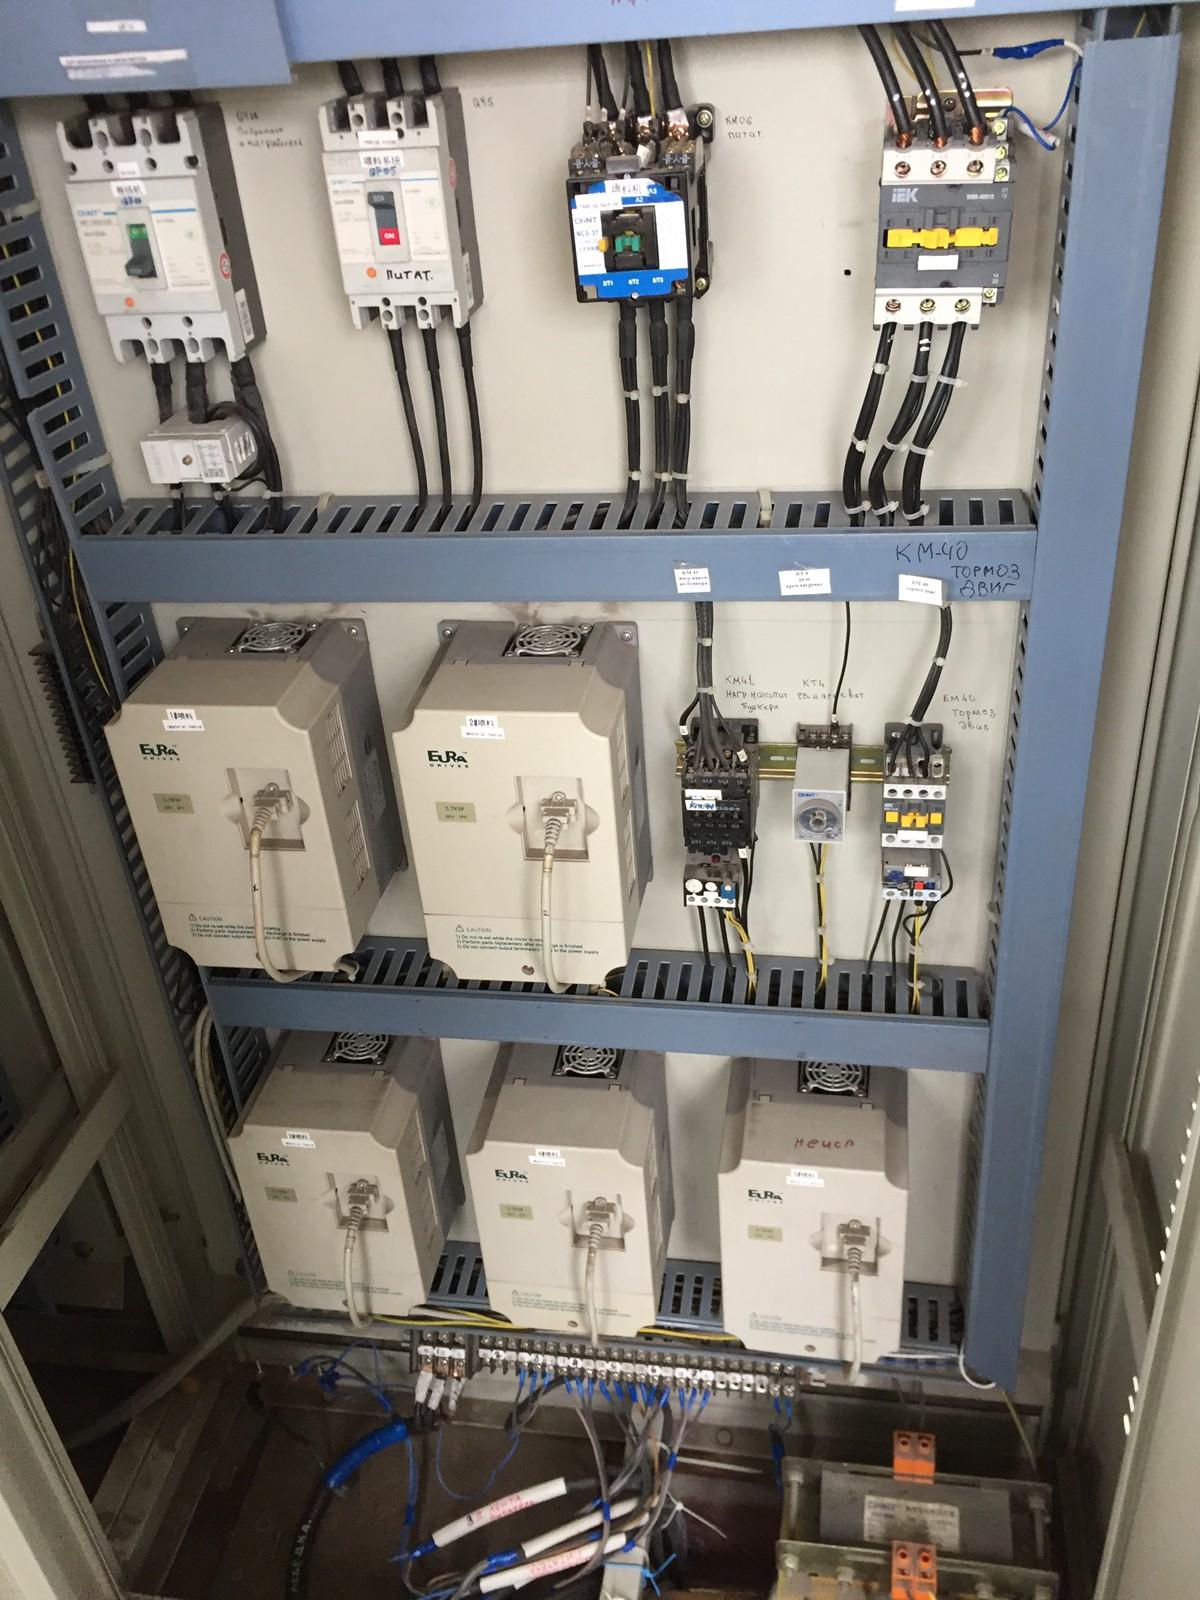 这是配电箱,张经理非常懂电学,所以很快处理好配电的故障